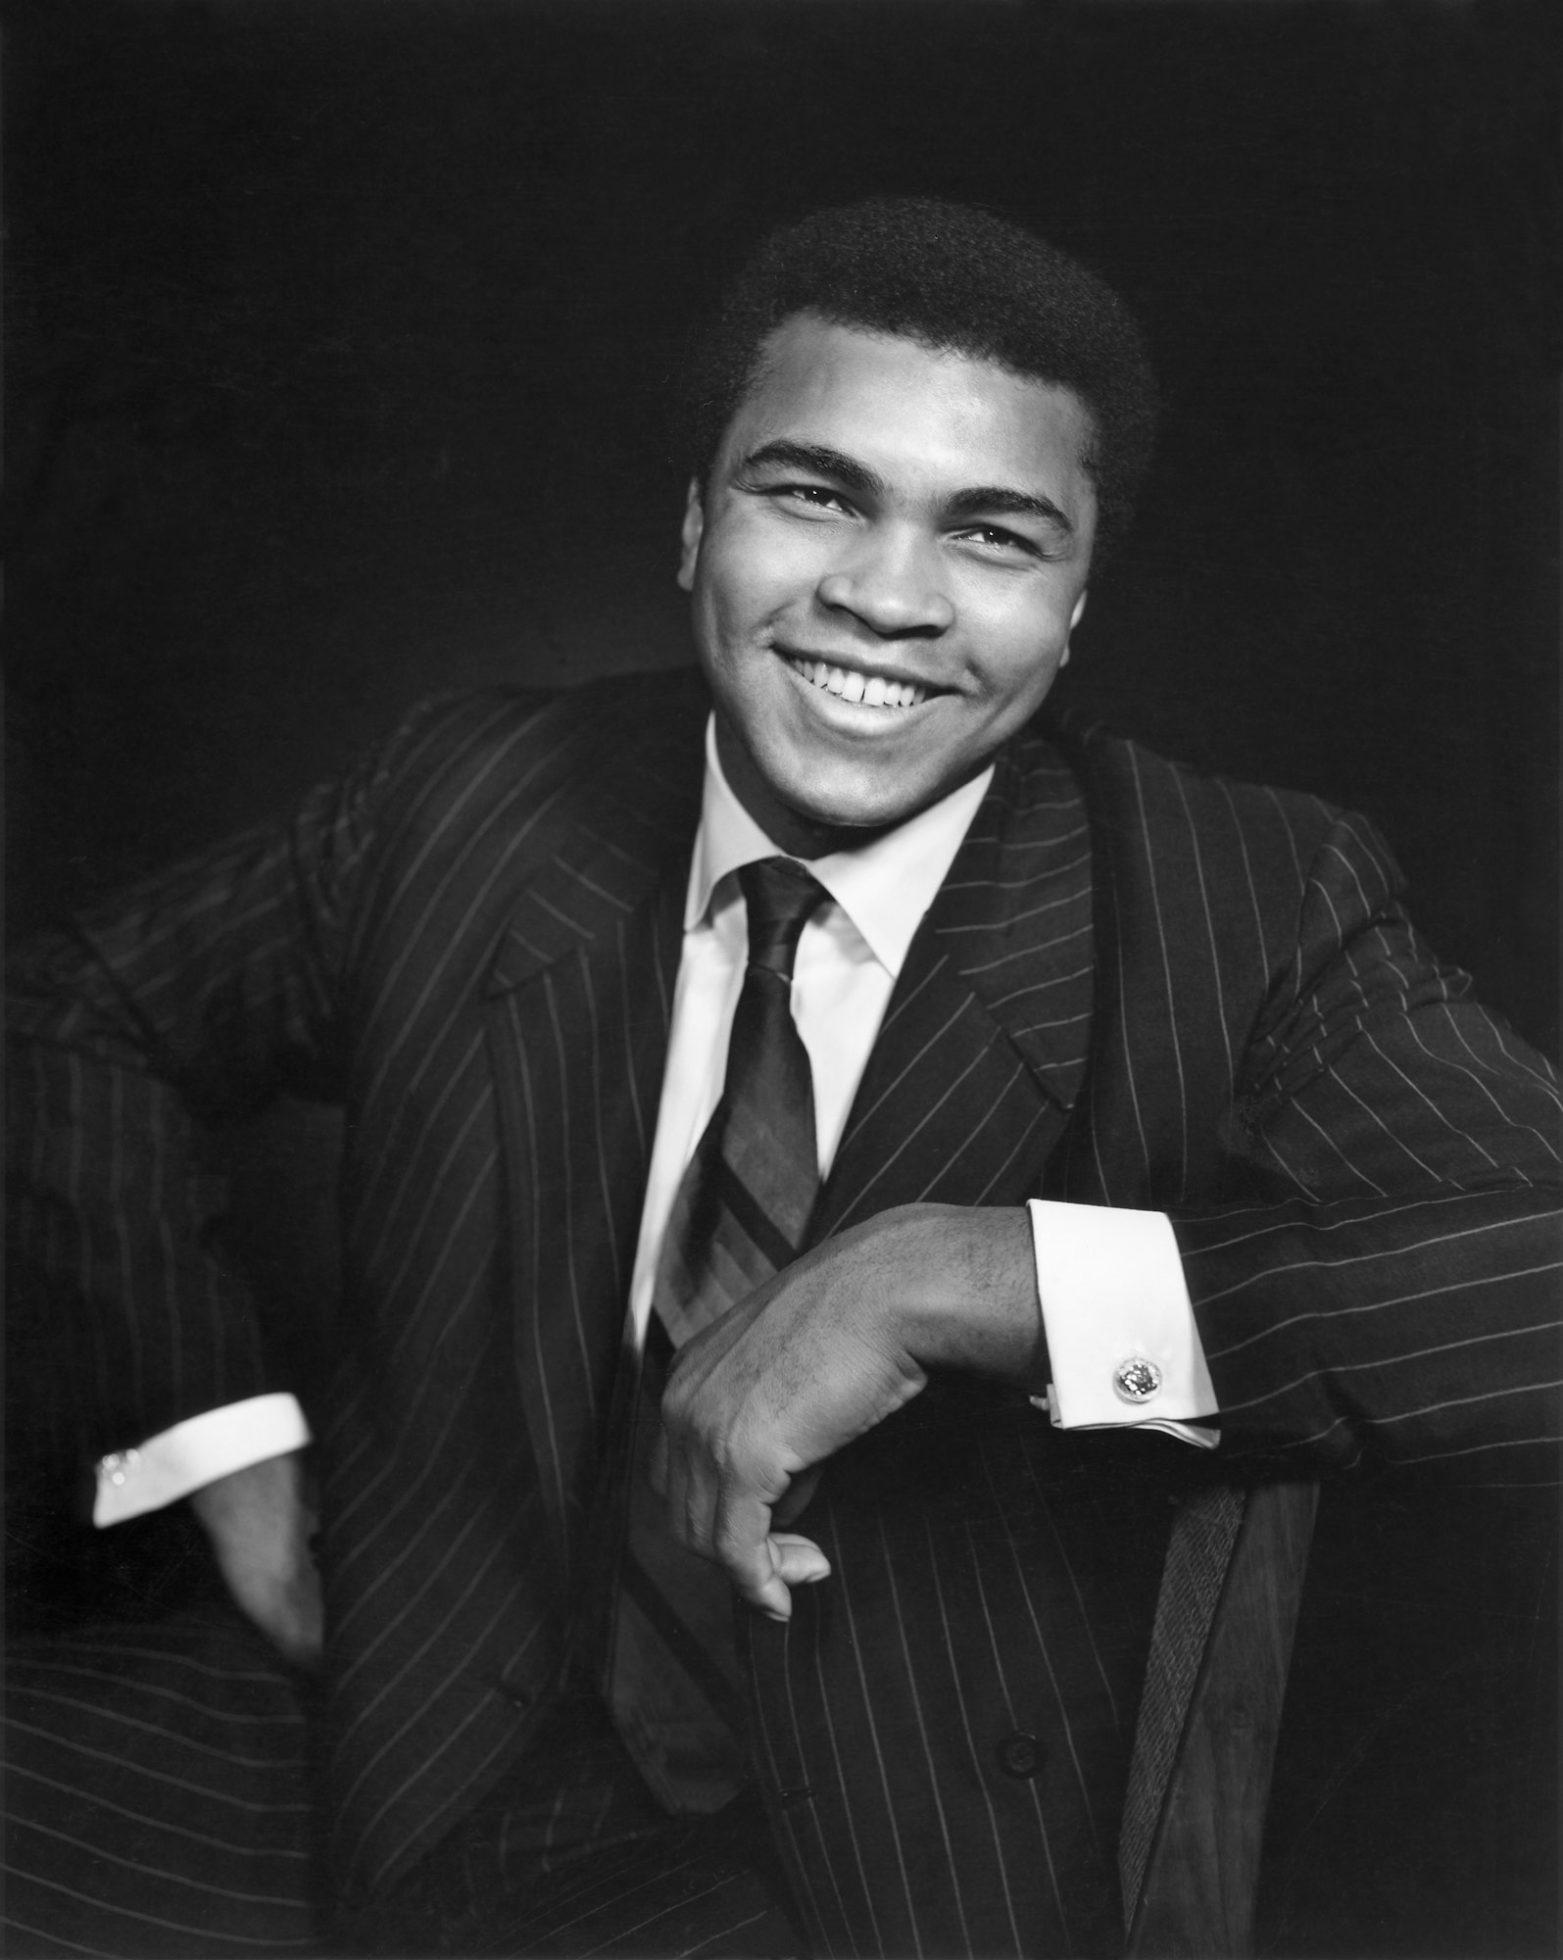 Fotó: Yousuf Karsh: Muhammad Ali, 1970 © Yousuf Karsh